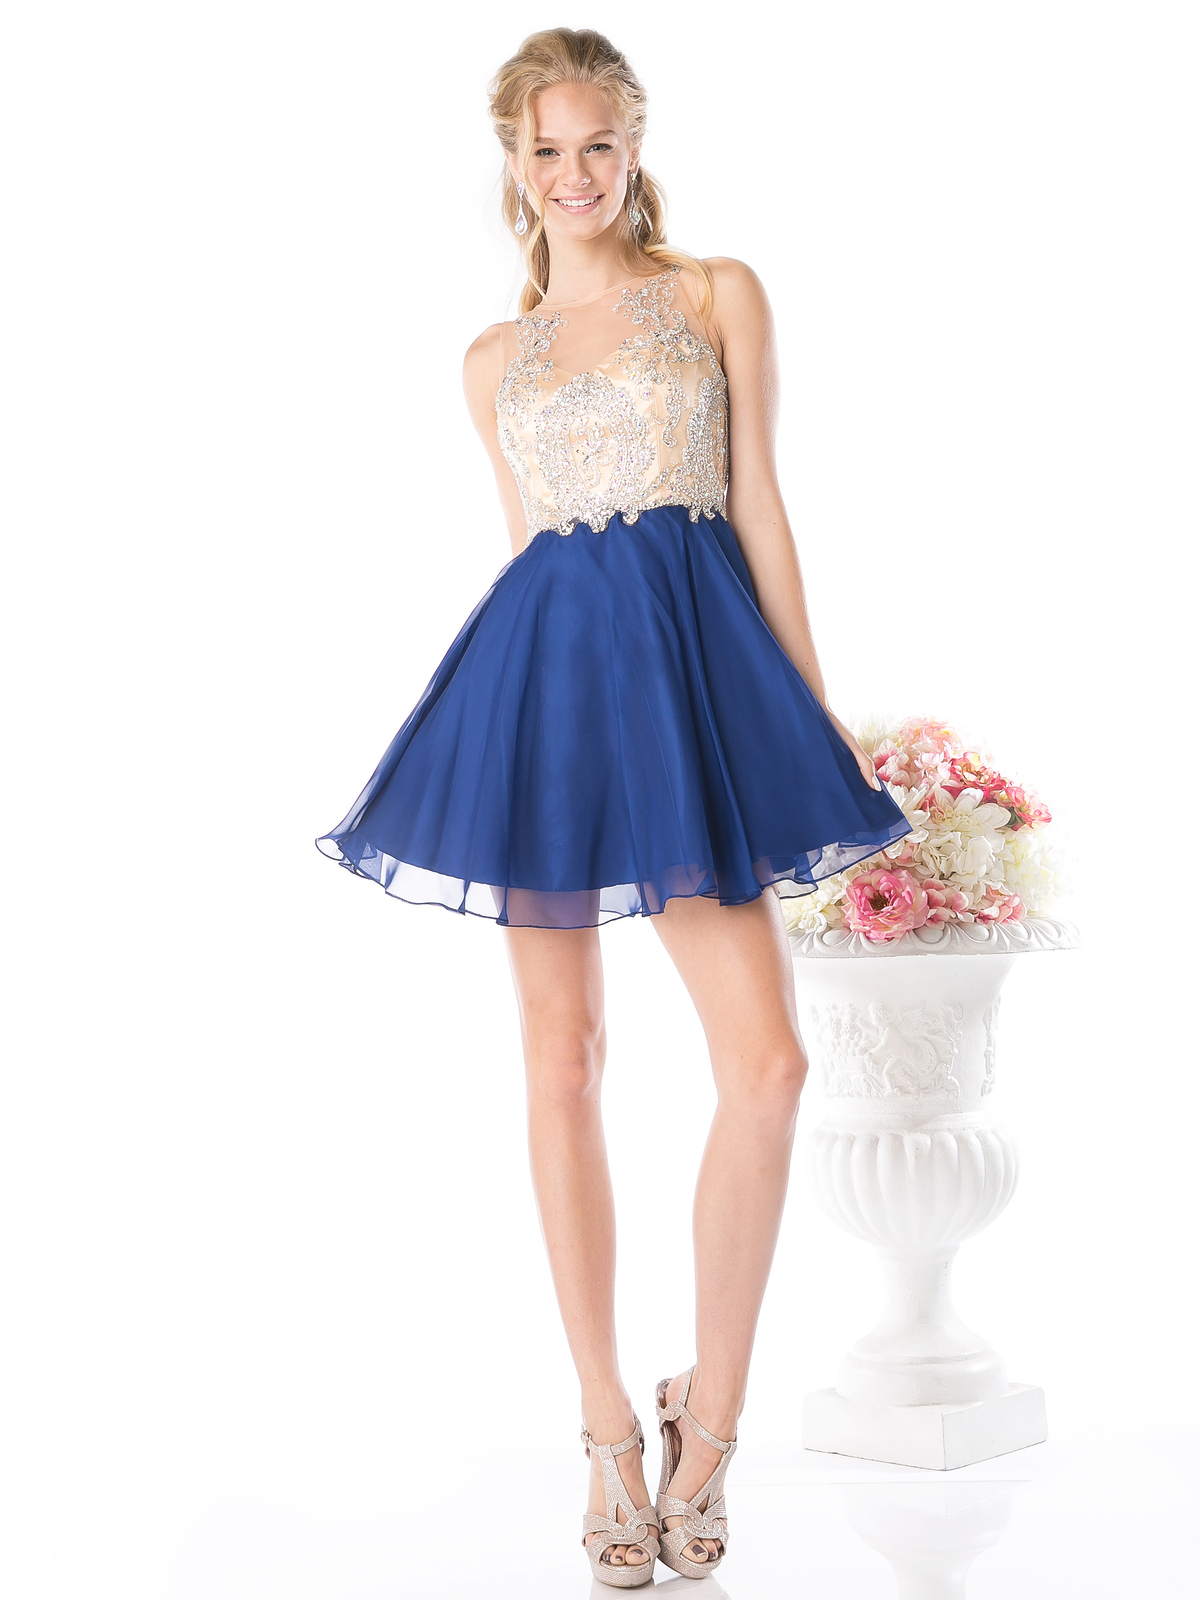 8dbd362ea88 CD-56S Embellished Sheer Bodice Short Prom Dress - Royal